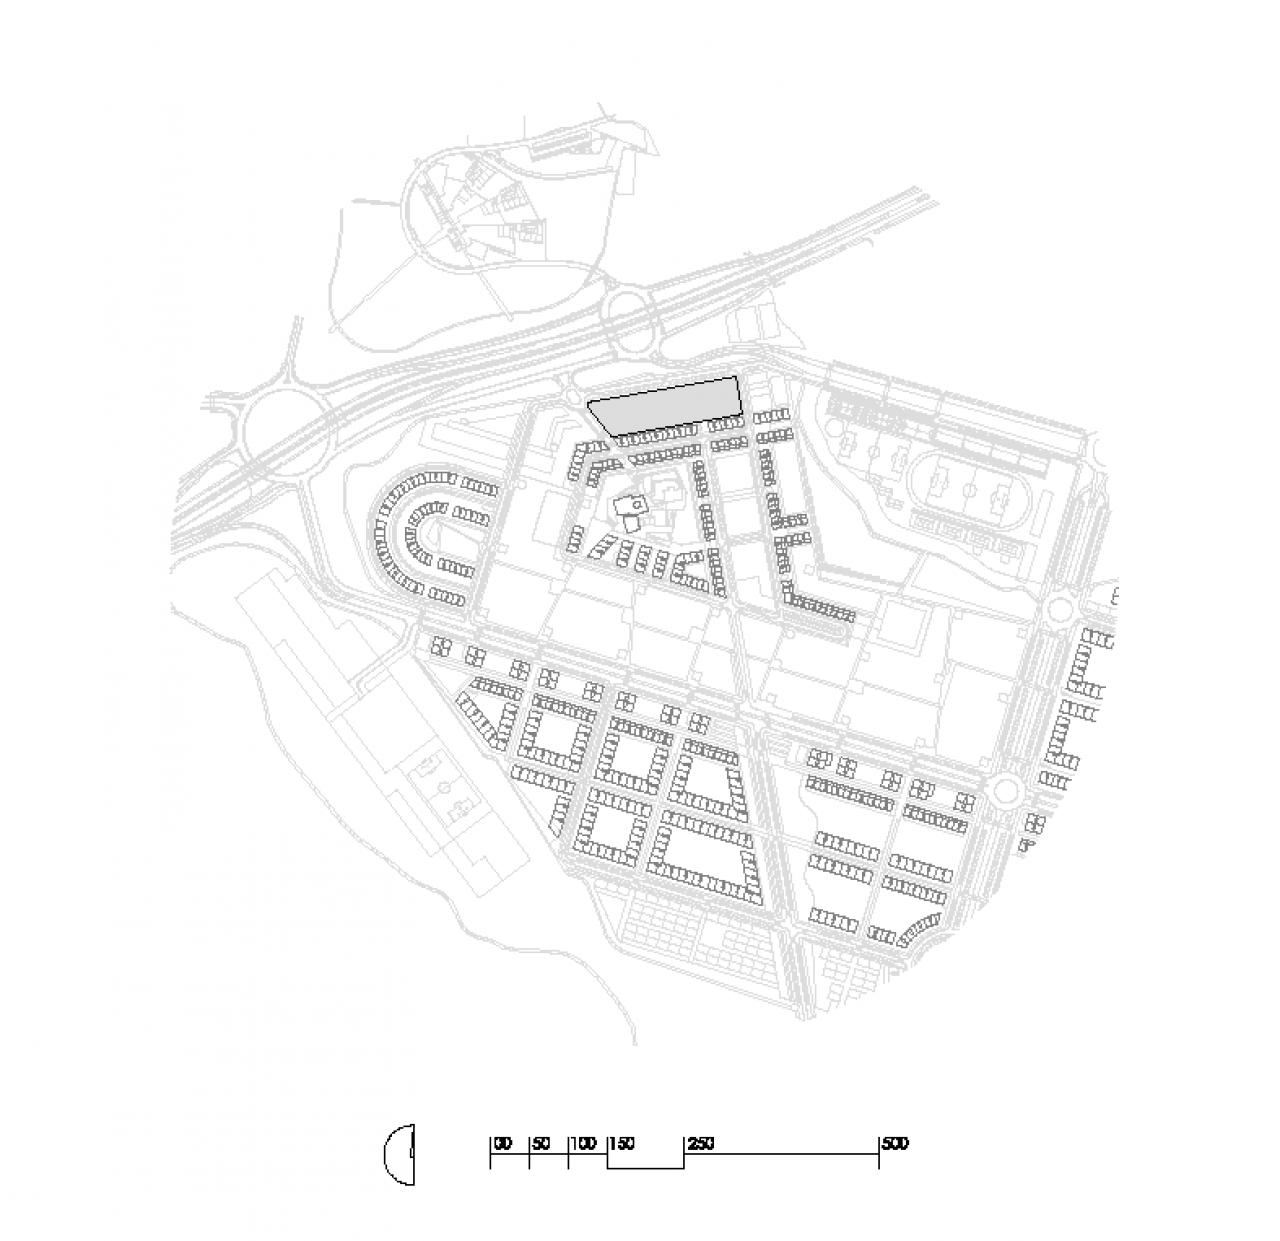 Proyectos De Arquitectura Plazatio